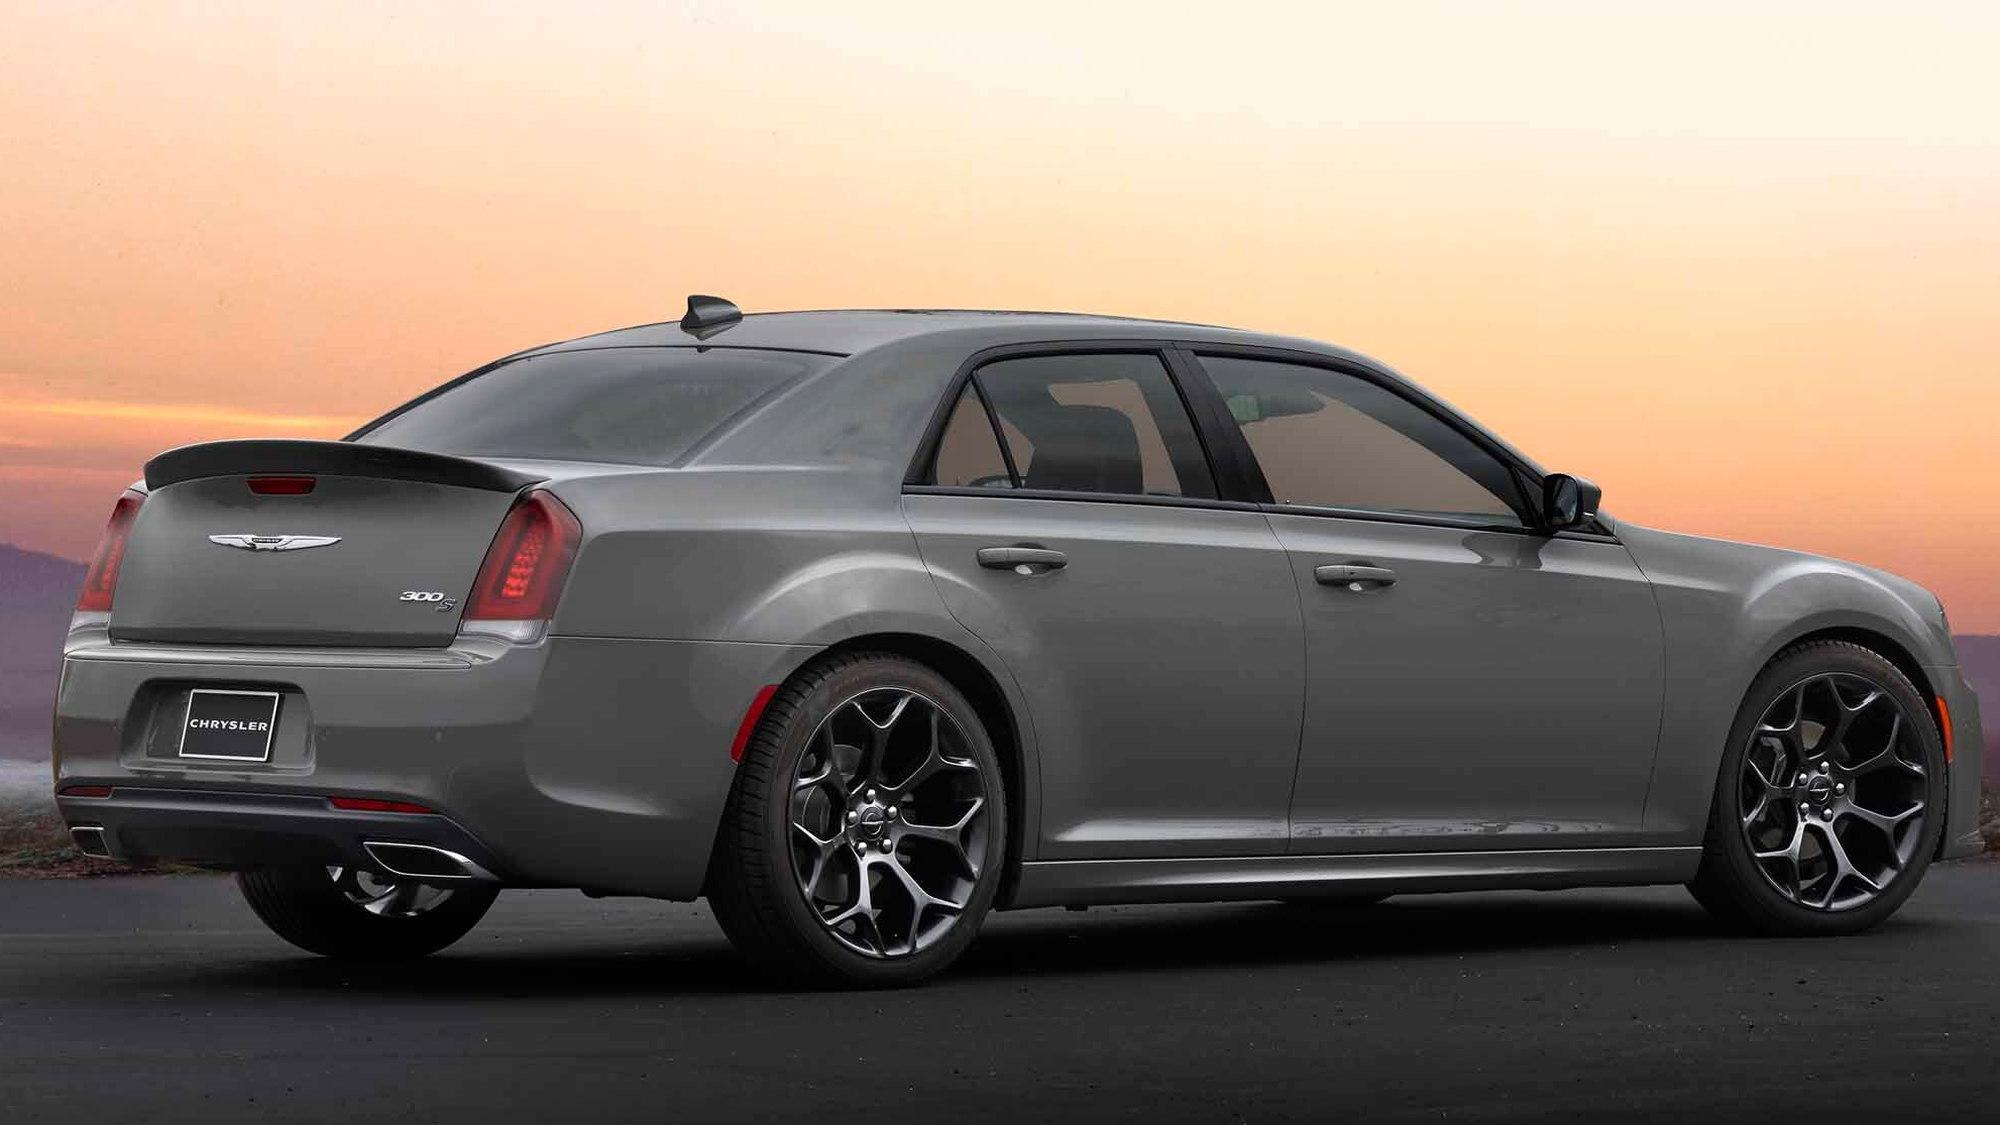 2017 Chrysler 300S Sport Appearance Package